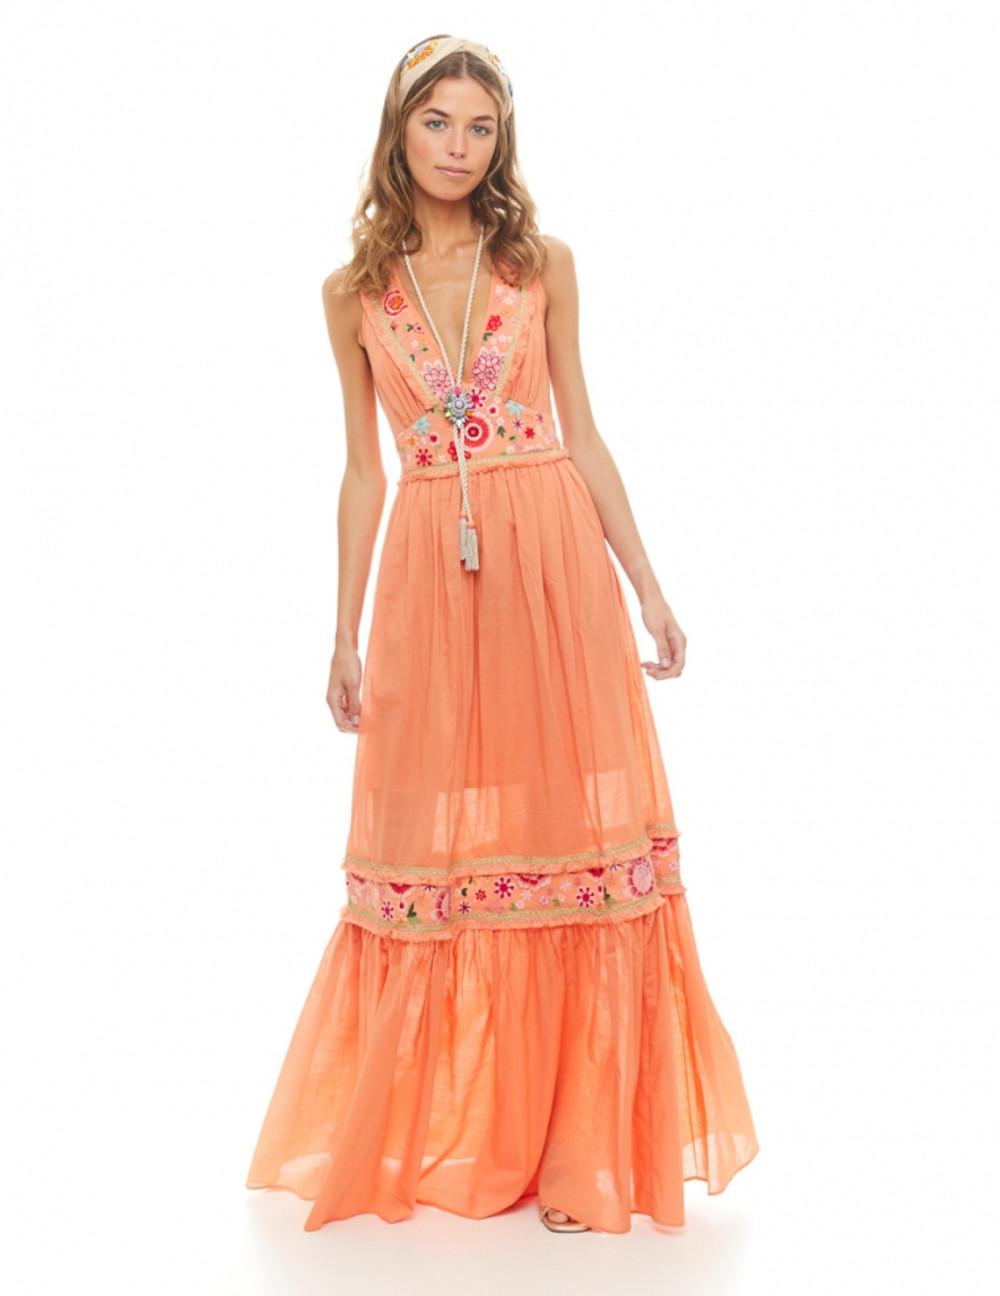 Vestido largo de algodón con escote en pico y con espalda descubierta y con cintas cruzaddas. Realizado en algodón,con telas bordadas, cintas de flecos y doradas. Alabama Shop